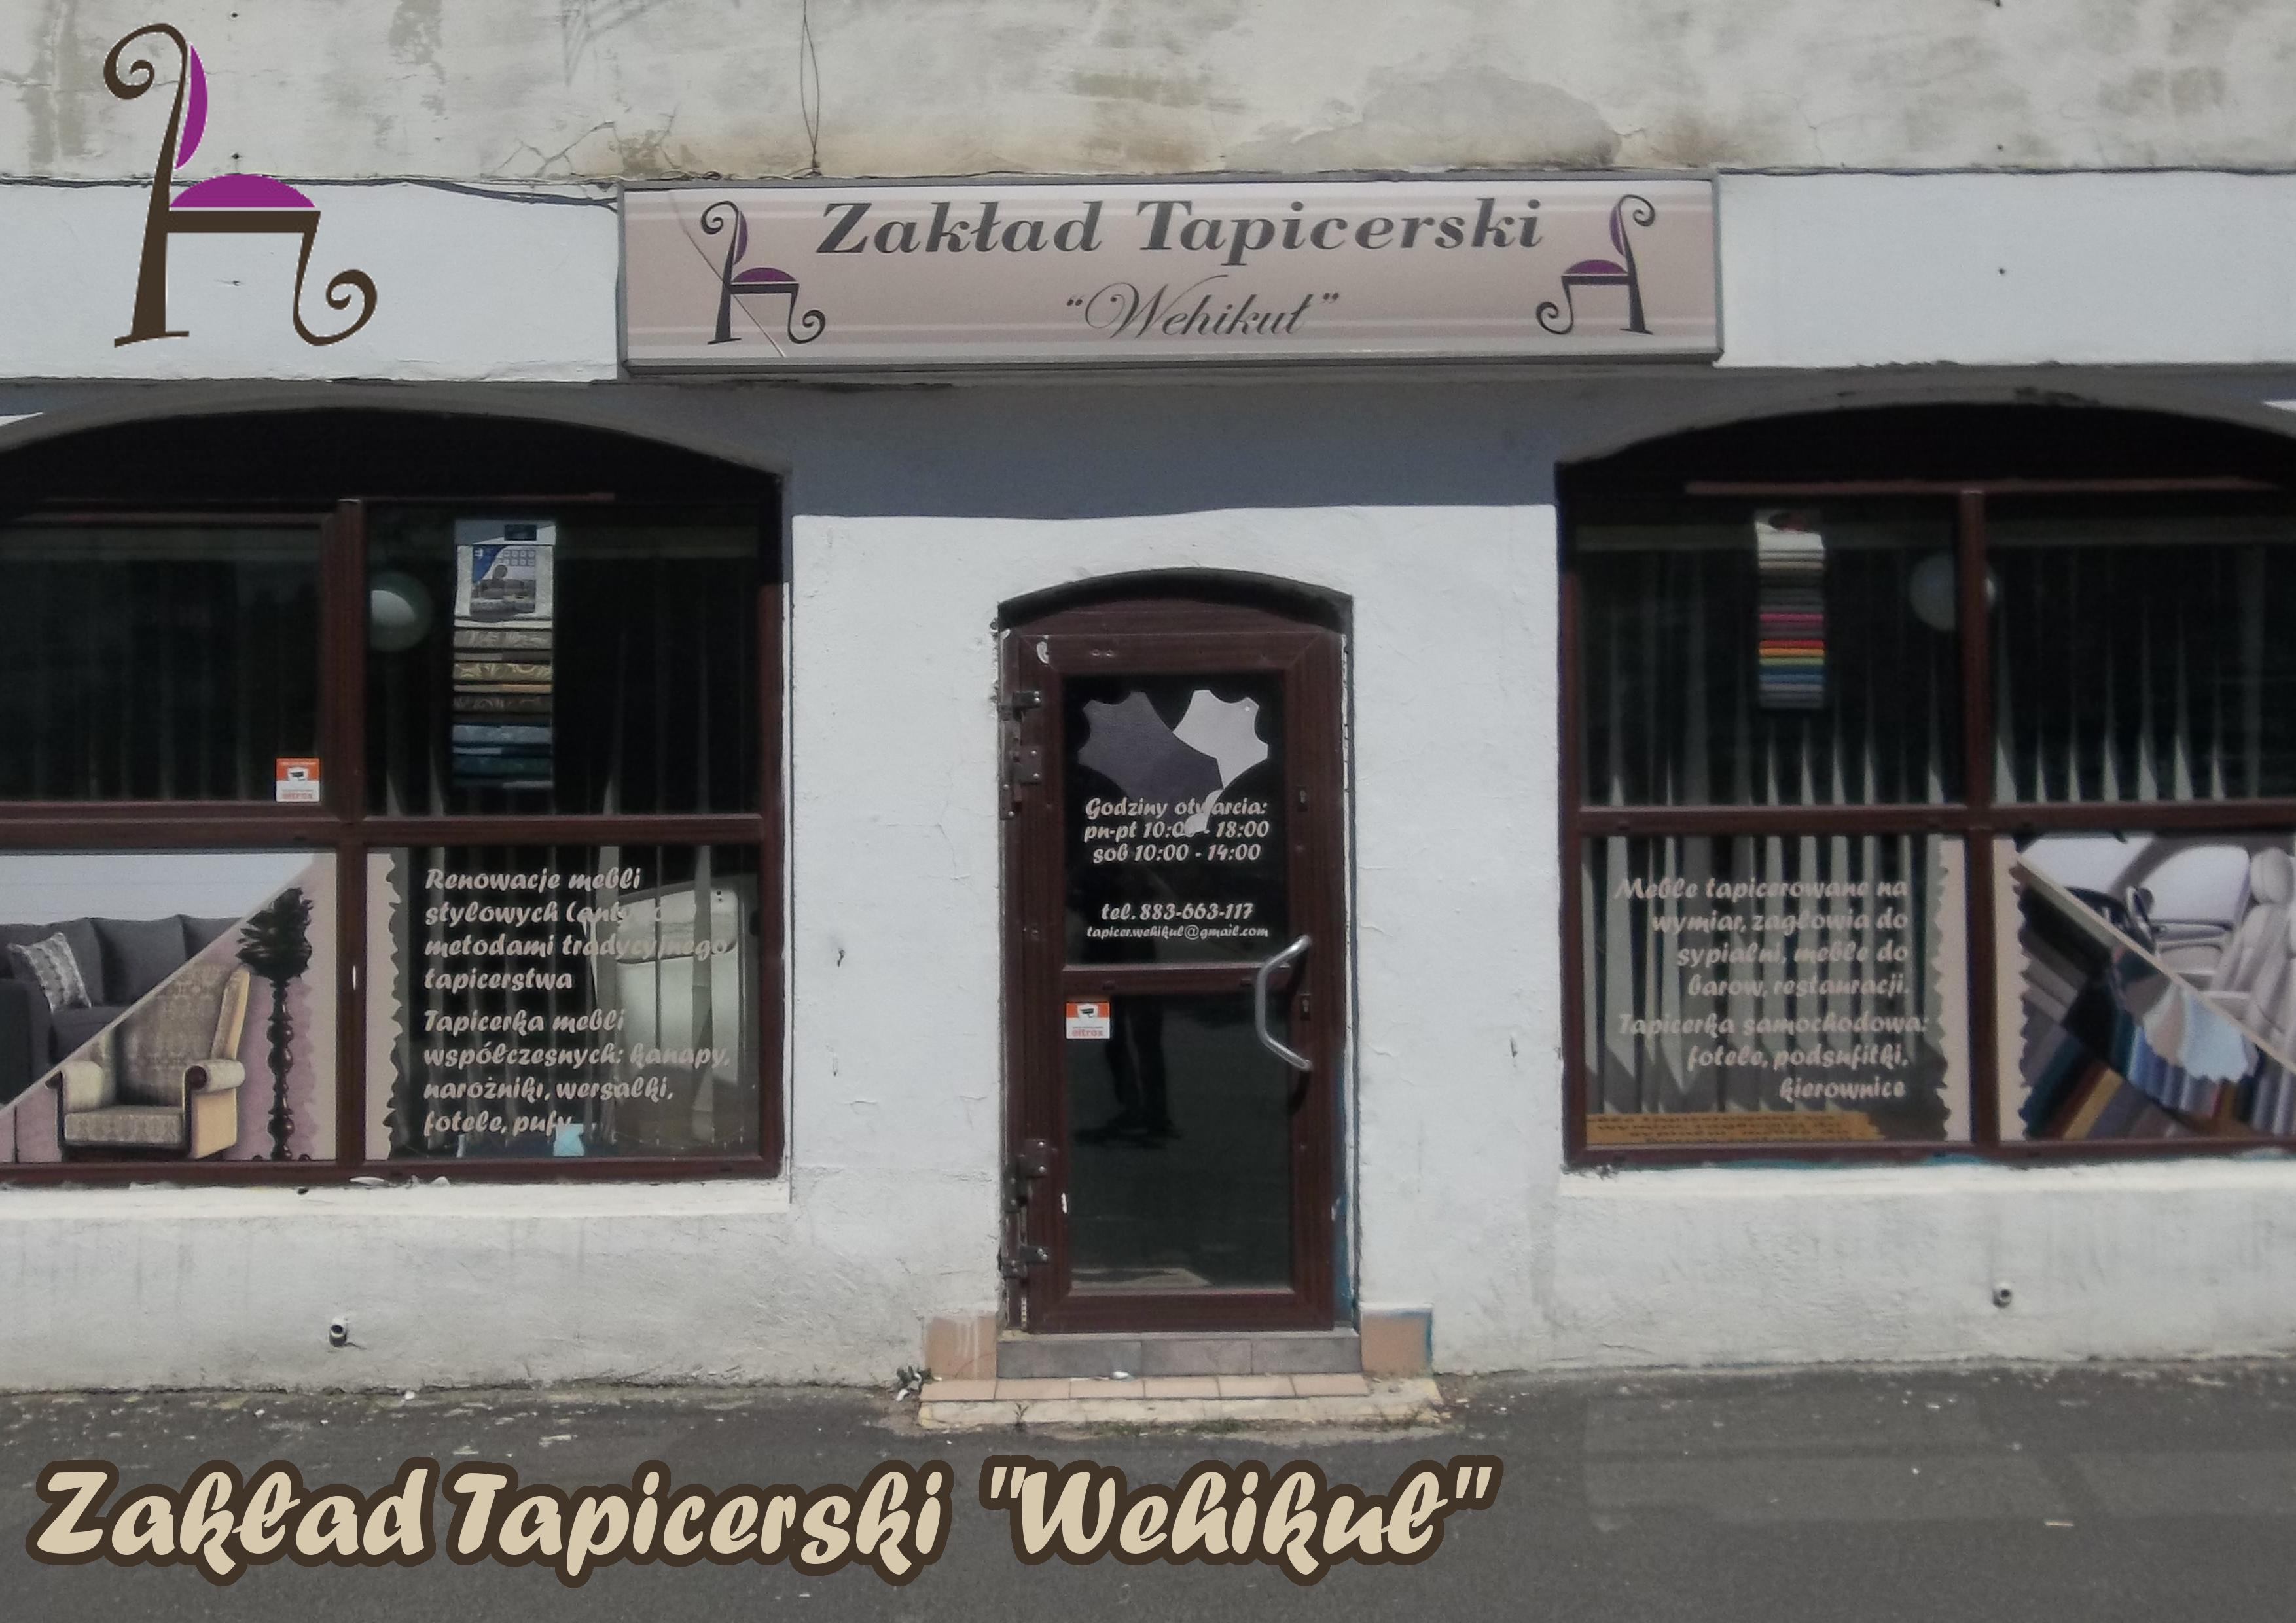 Zakład Tapicerski Wrocław